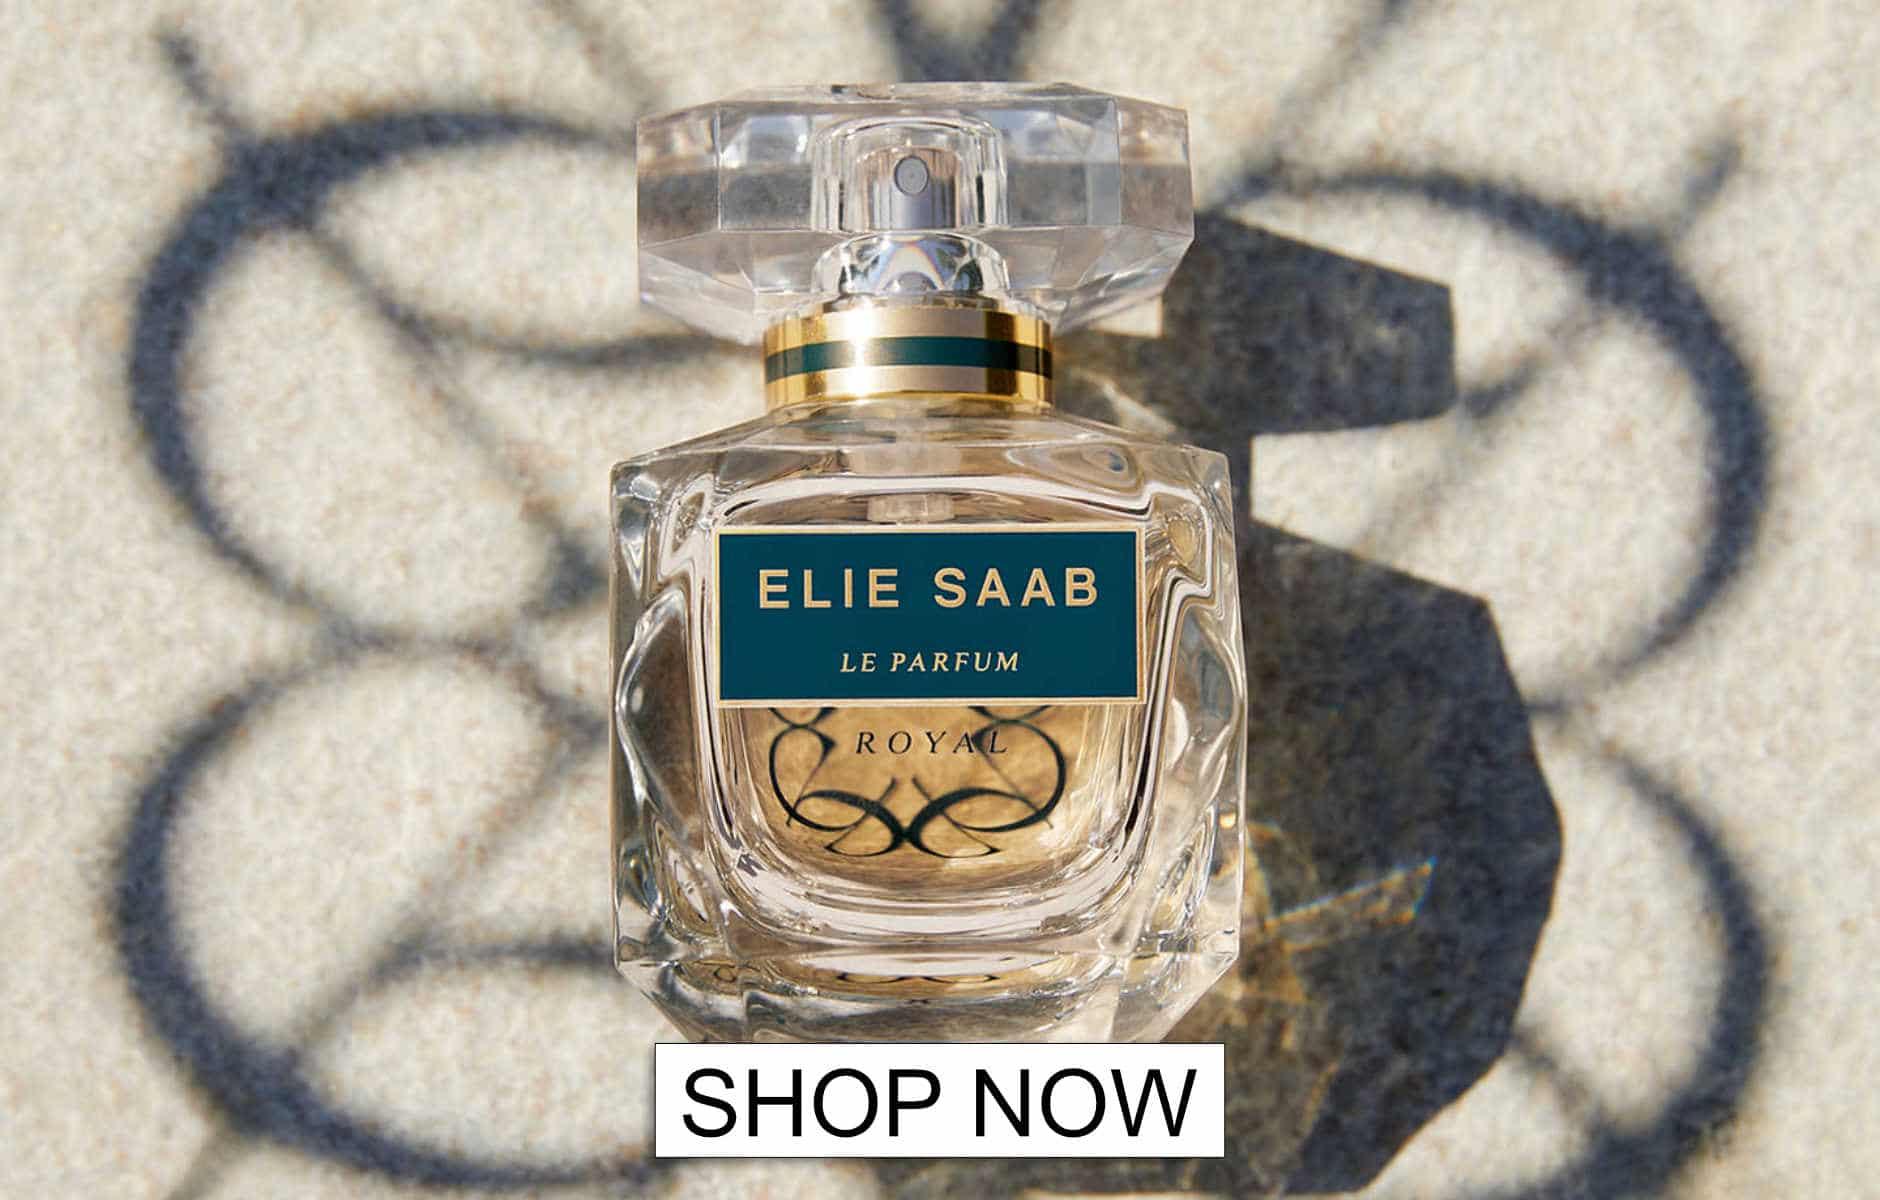 Elie Saab Le Parfum Royal